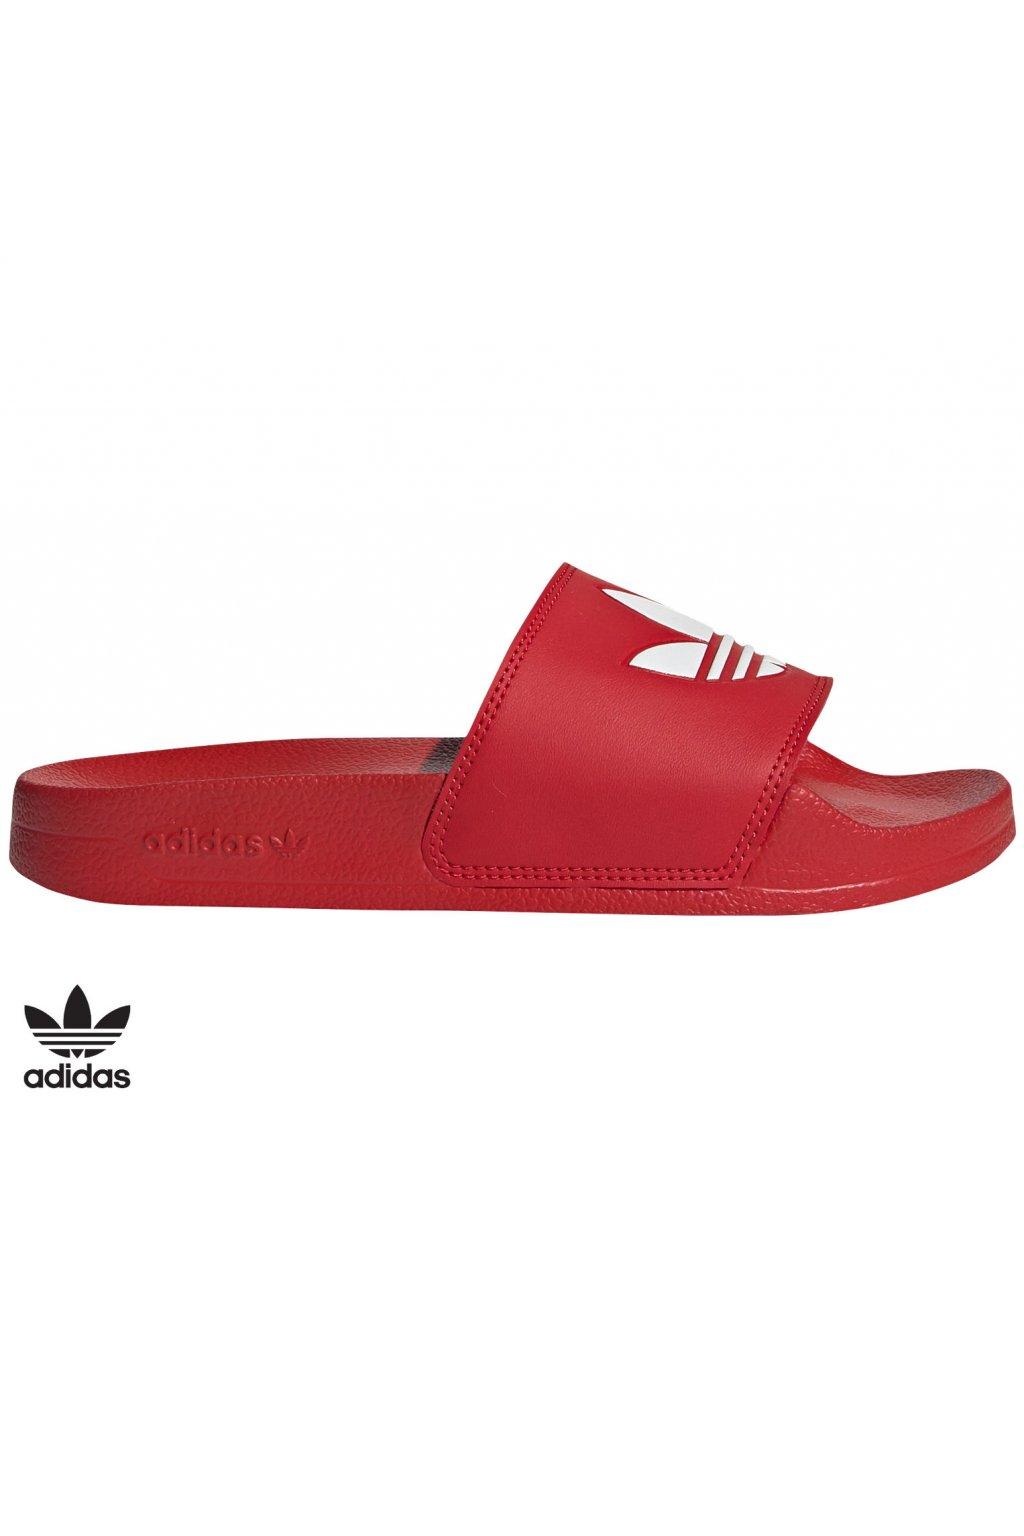 fu9179 juniorske slapky adidas adilette lite cervene